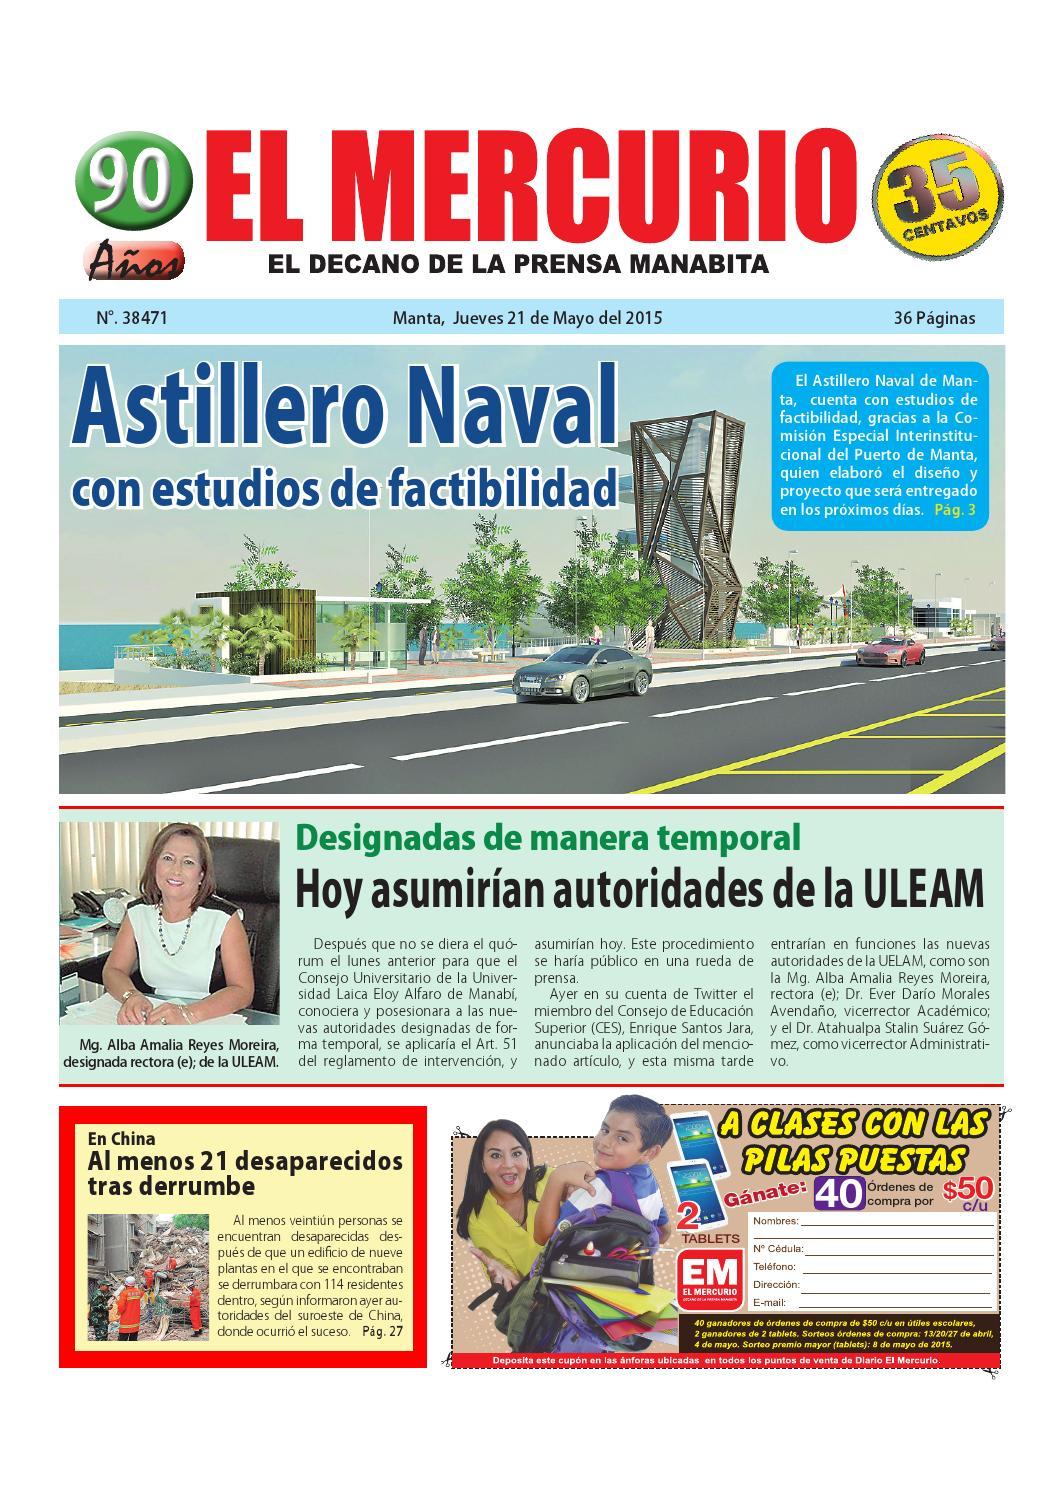 Jueves 21 de mayo del 2015 by Diario El mercurio - issuu